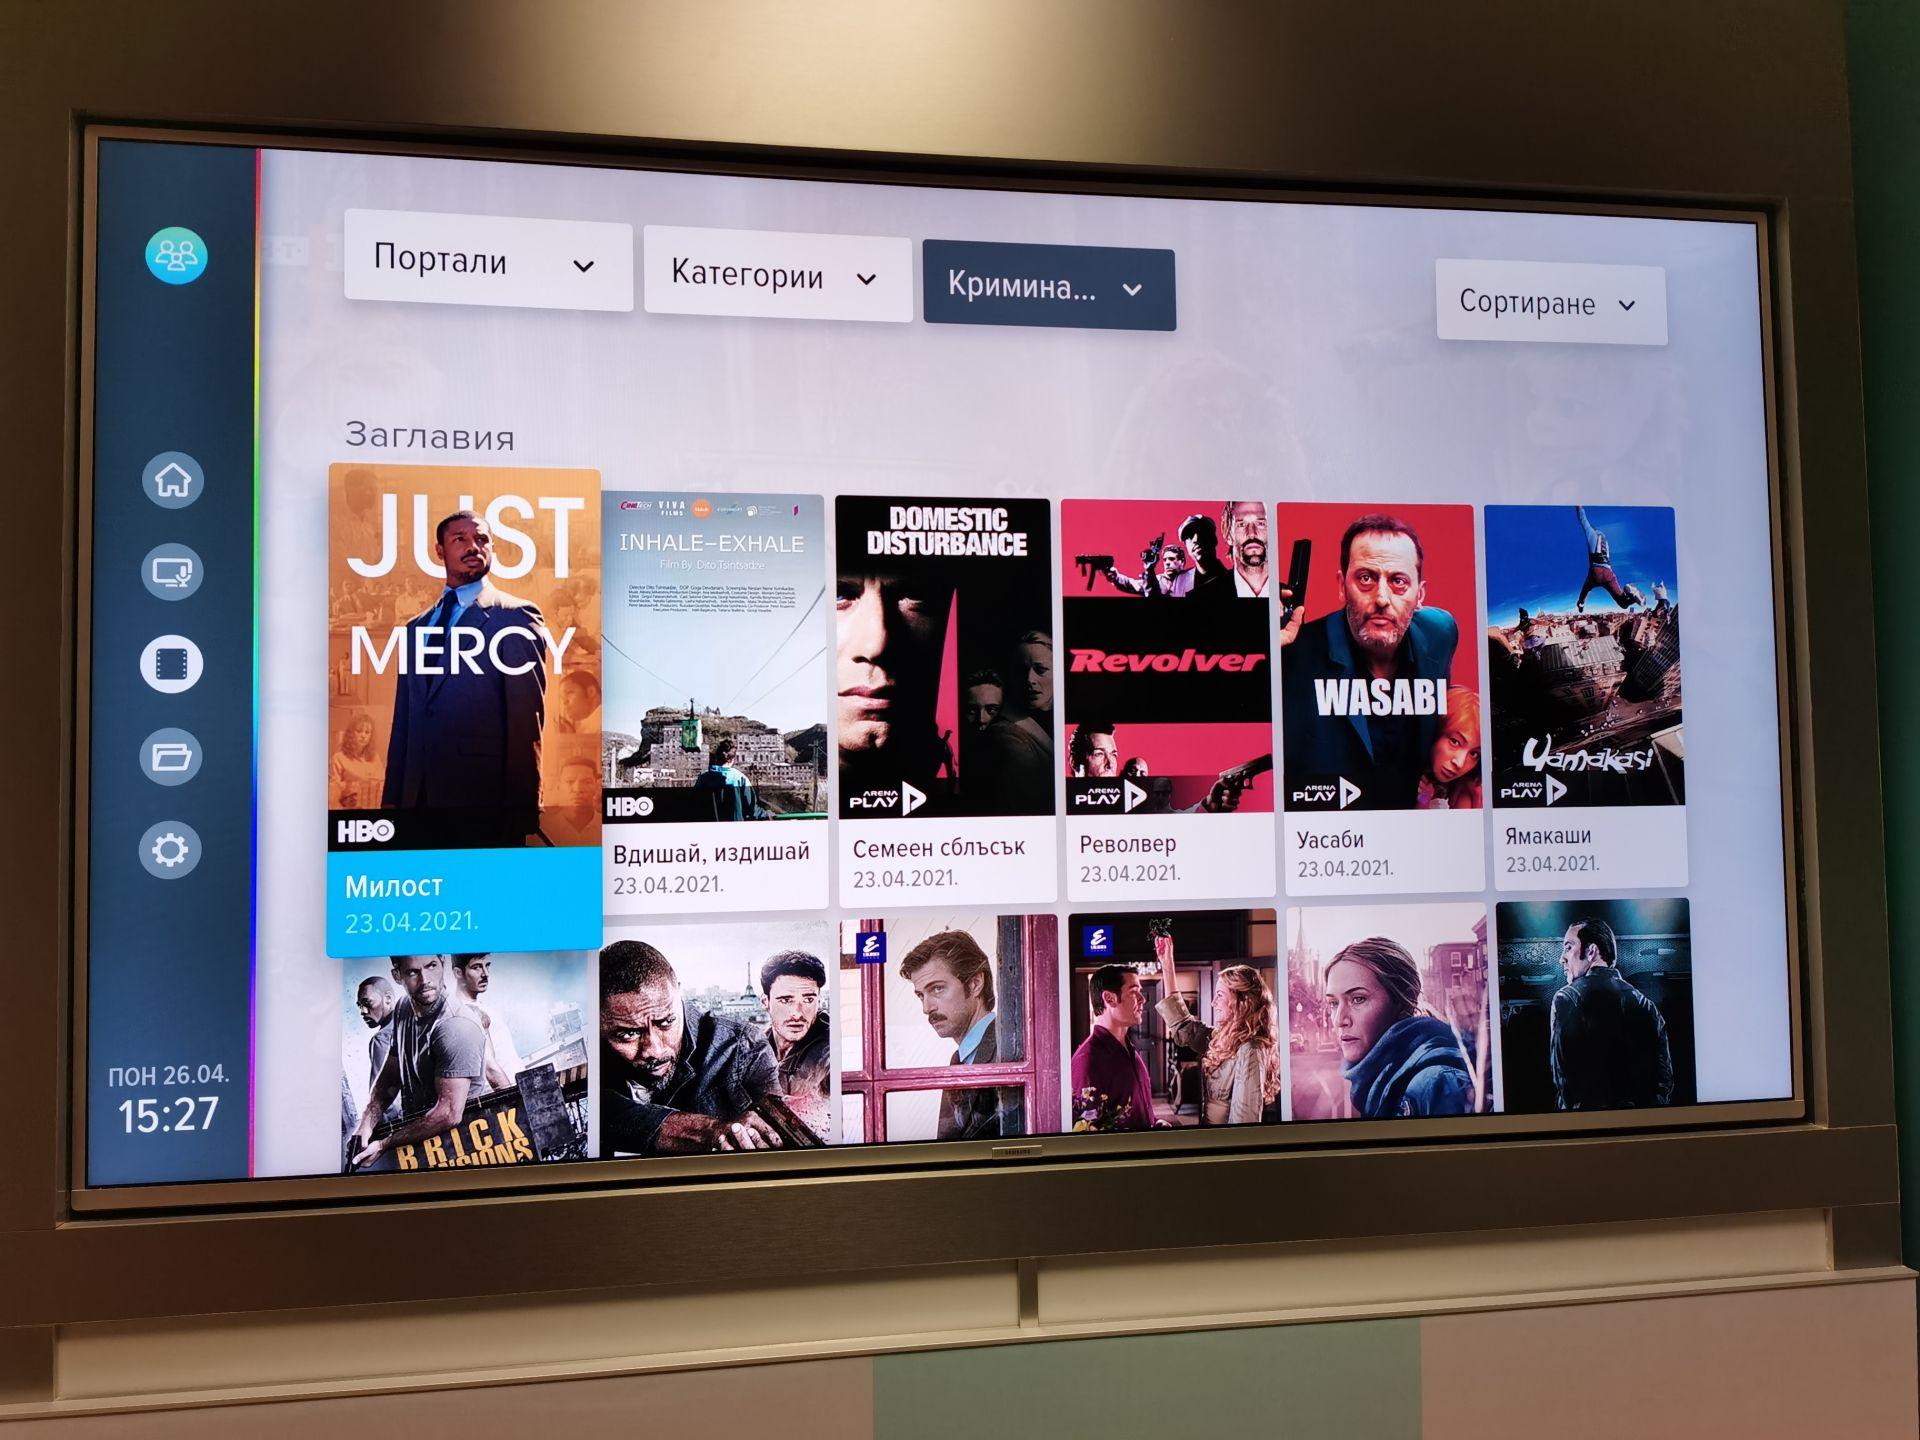 EON Видеотека предлага достъп до над 10 000 филми и сериали